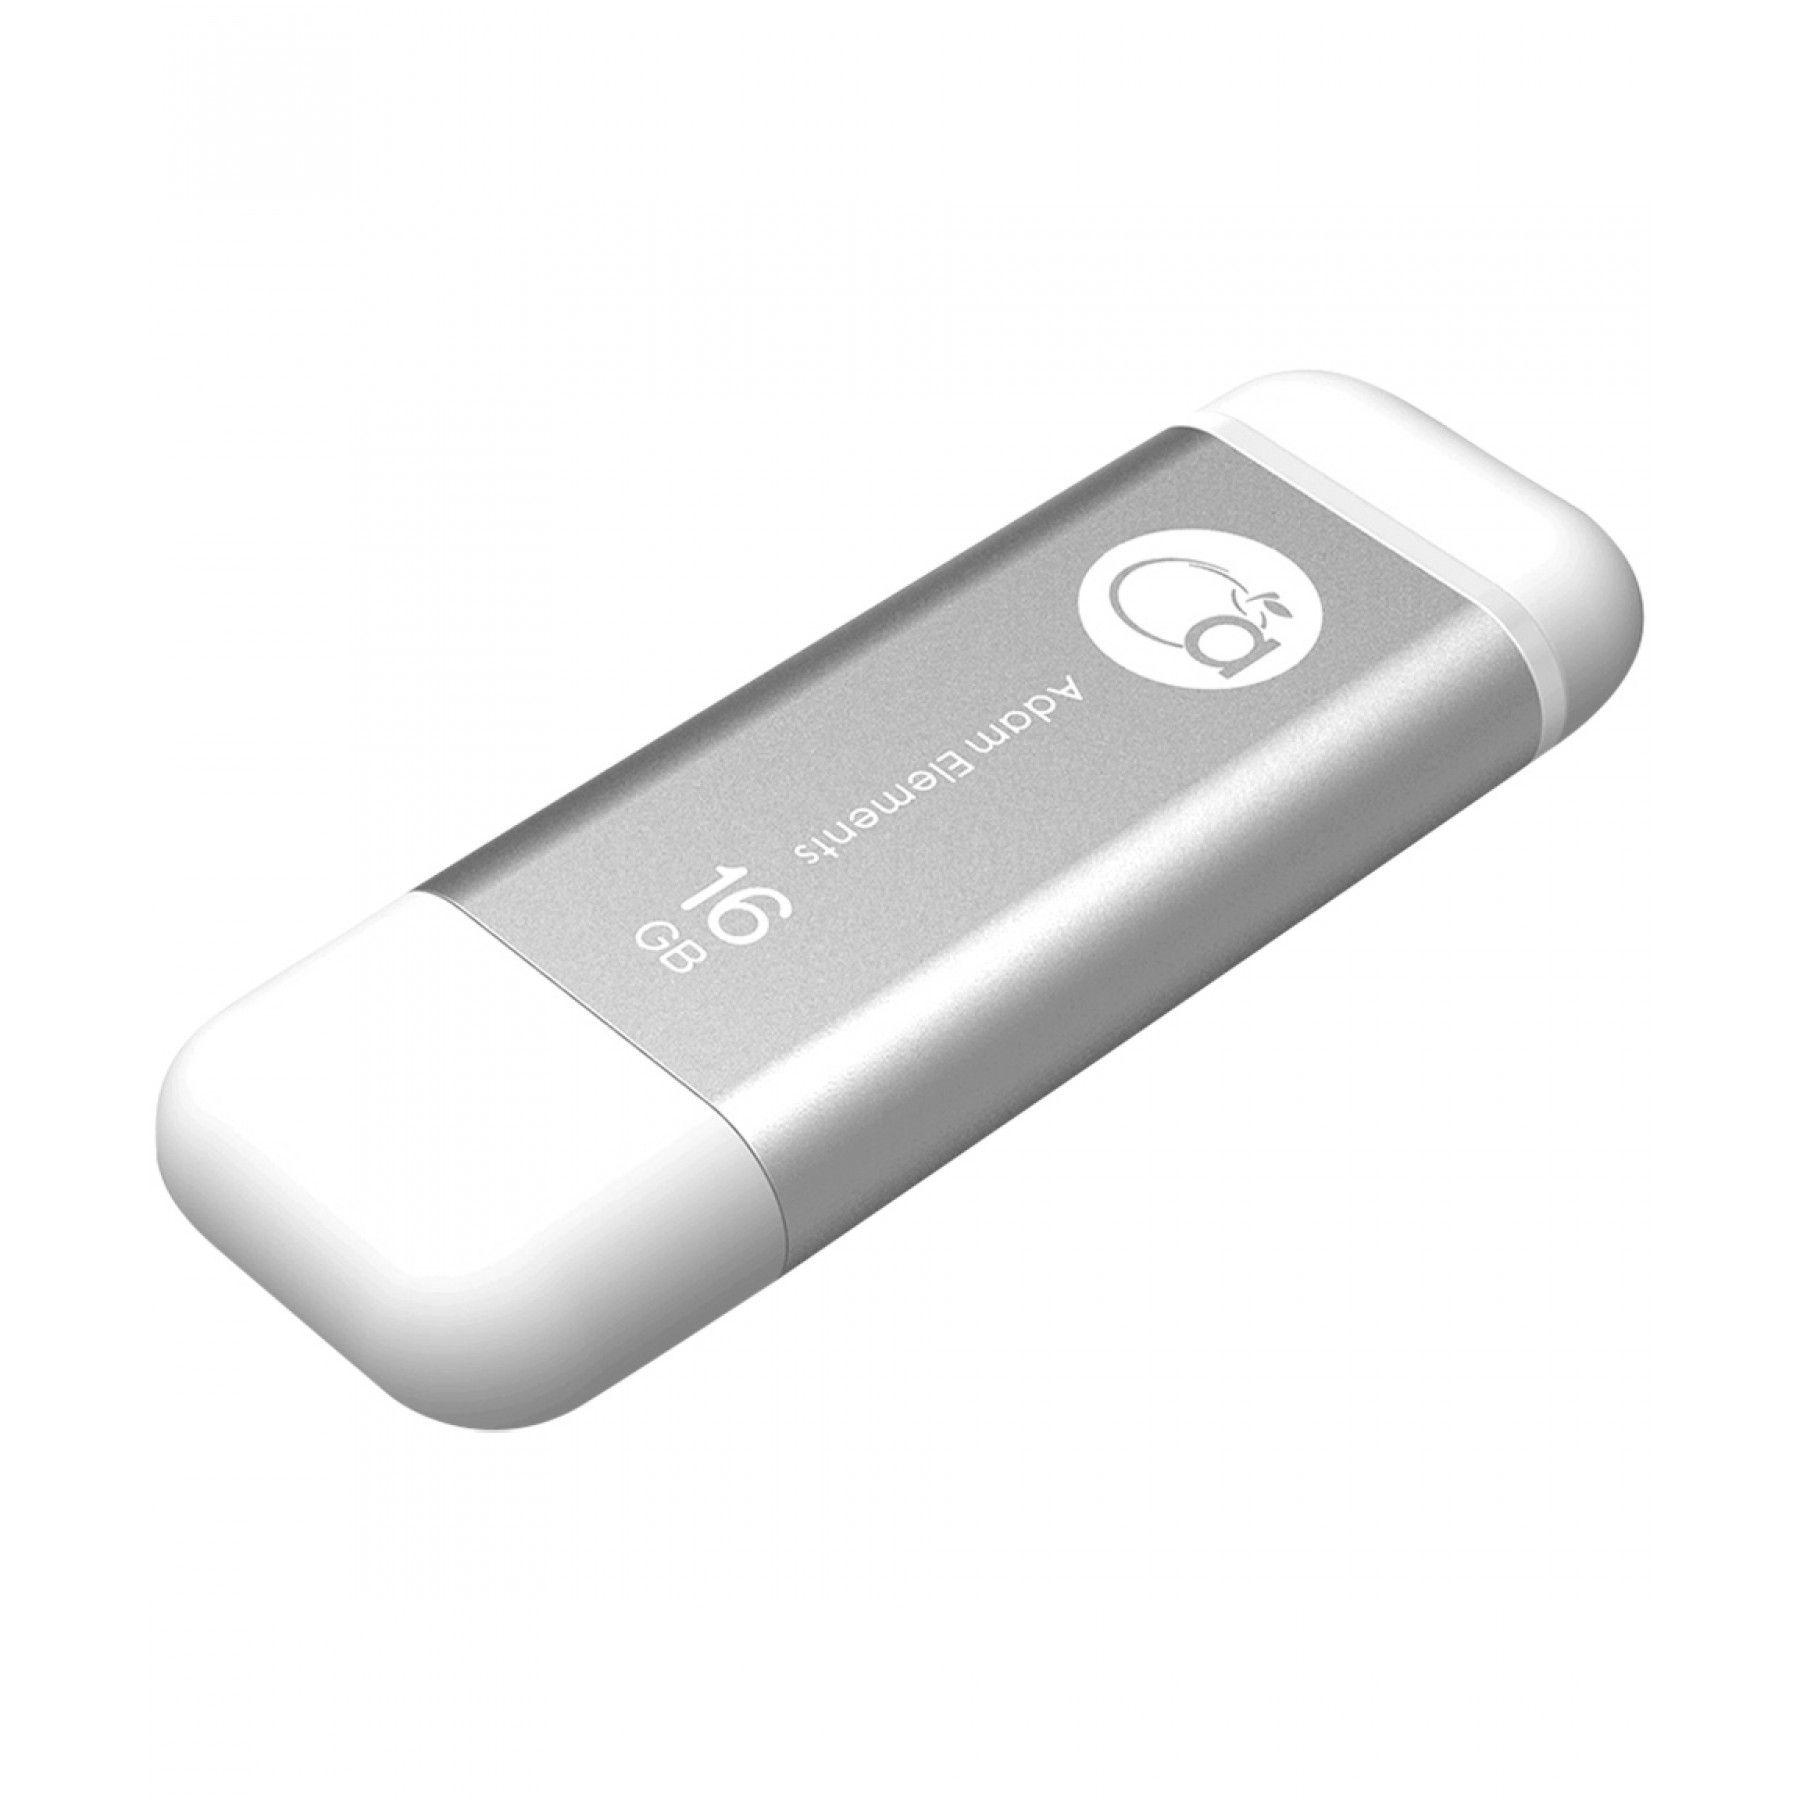 Memoria iKlips de 16 GB; Transfiere lo que quieras desde tu ordenador al iPhone o iPad y viceversa. Para almacenamiento de fotos vídeos y música; transferir y hacer copia de seguridad. Con el conector Lightning - USB 3.0 soporte exFAT y un diseño muy esp